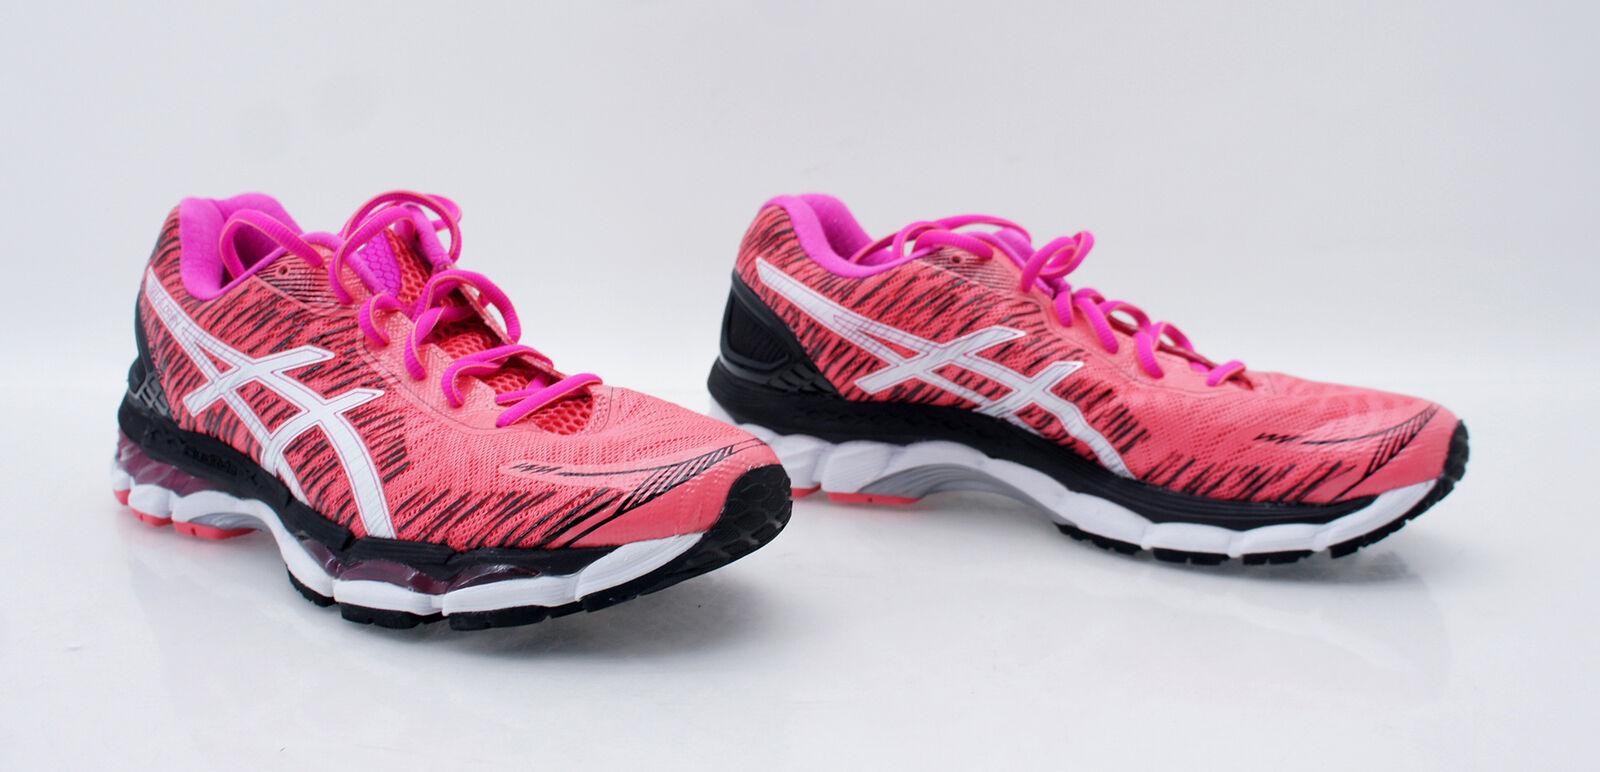 Asics Laufschuhe Damen Pinkschwarz Guidance Line Gr. 42,5